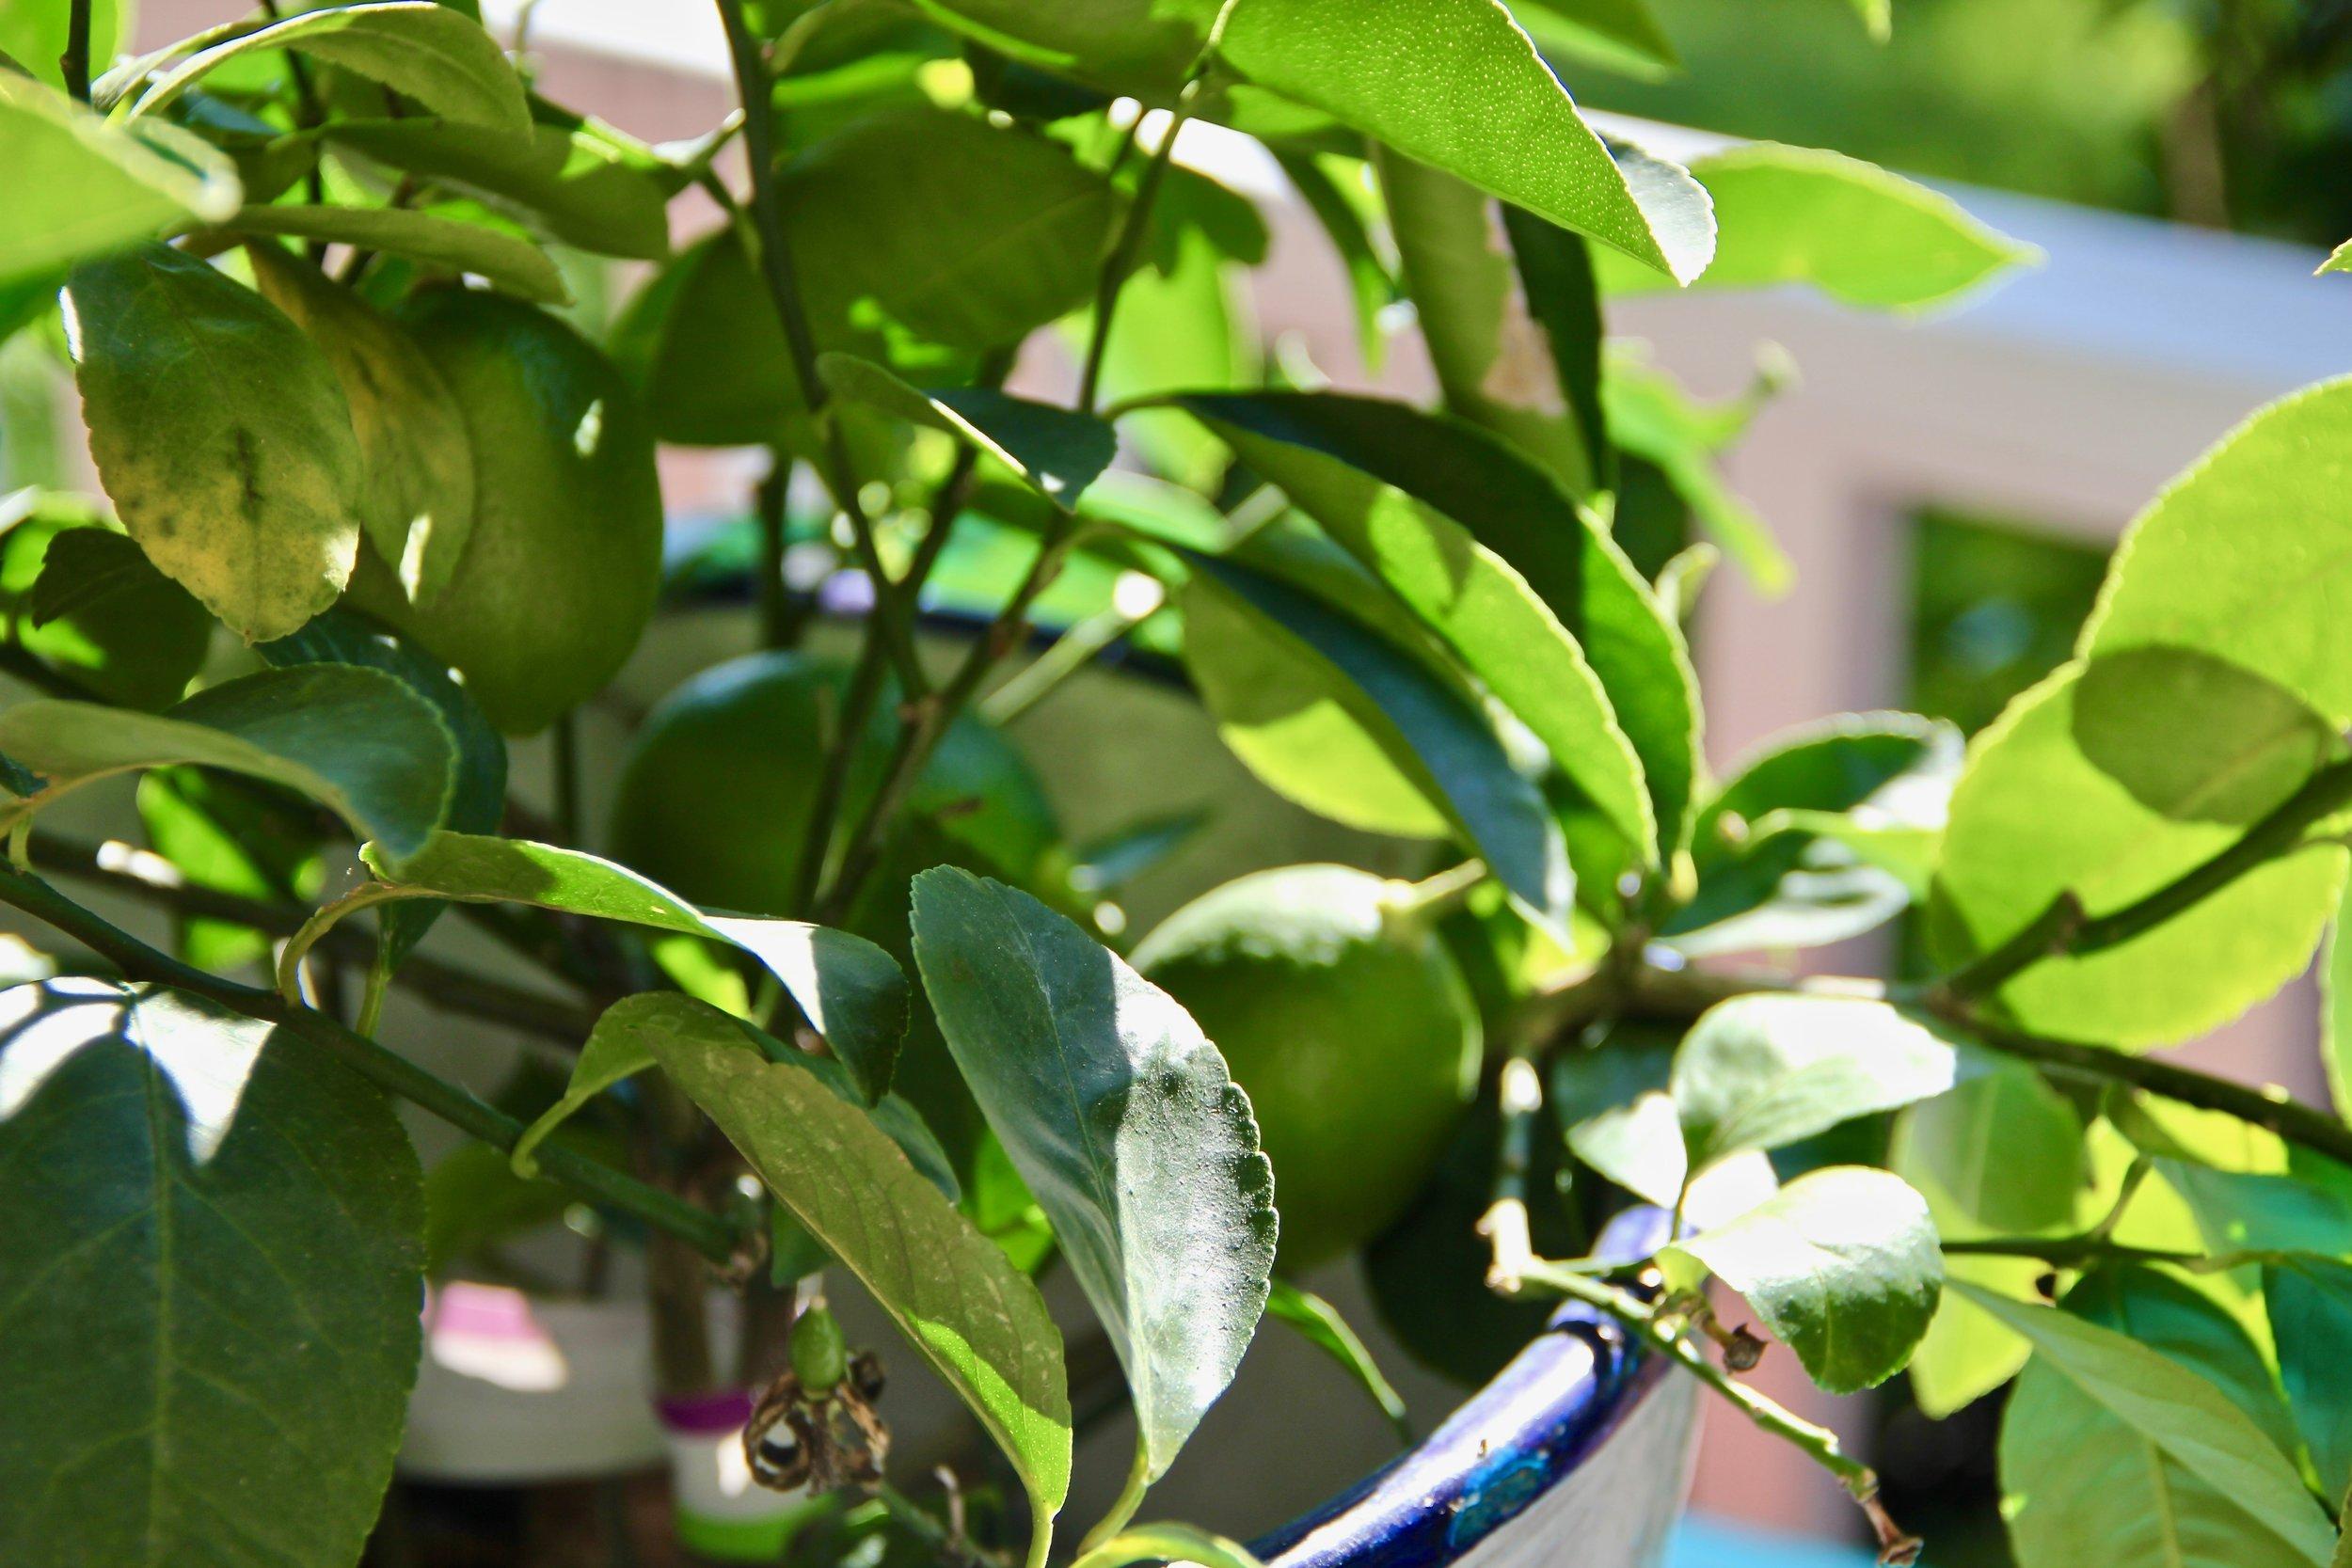 More Meyer Lemons